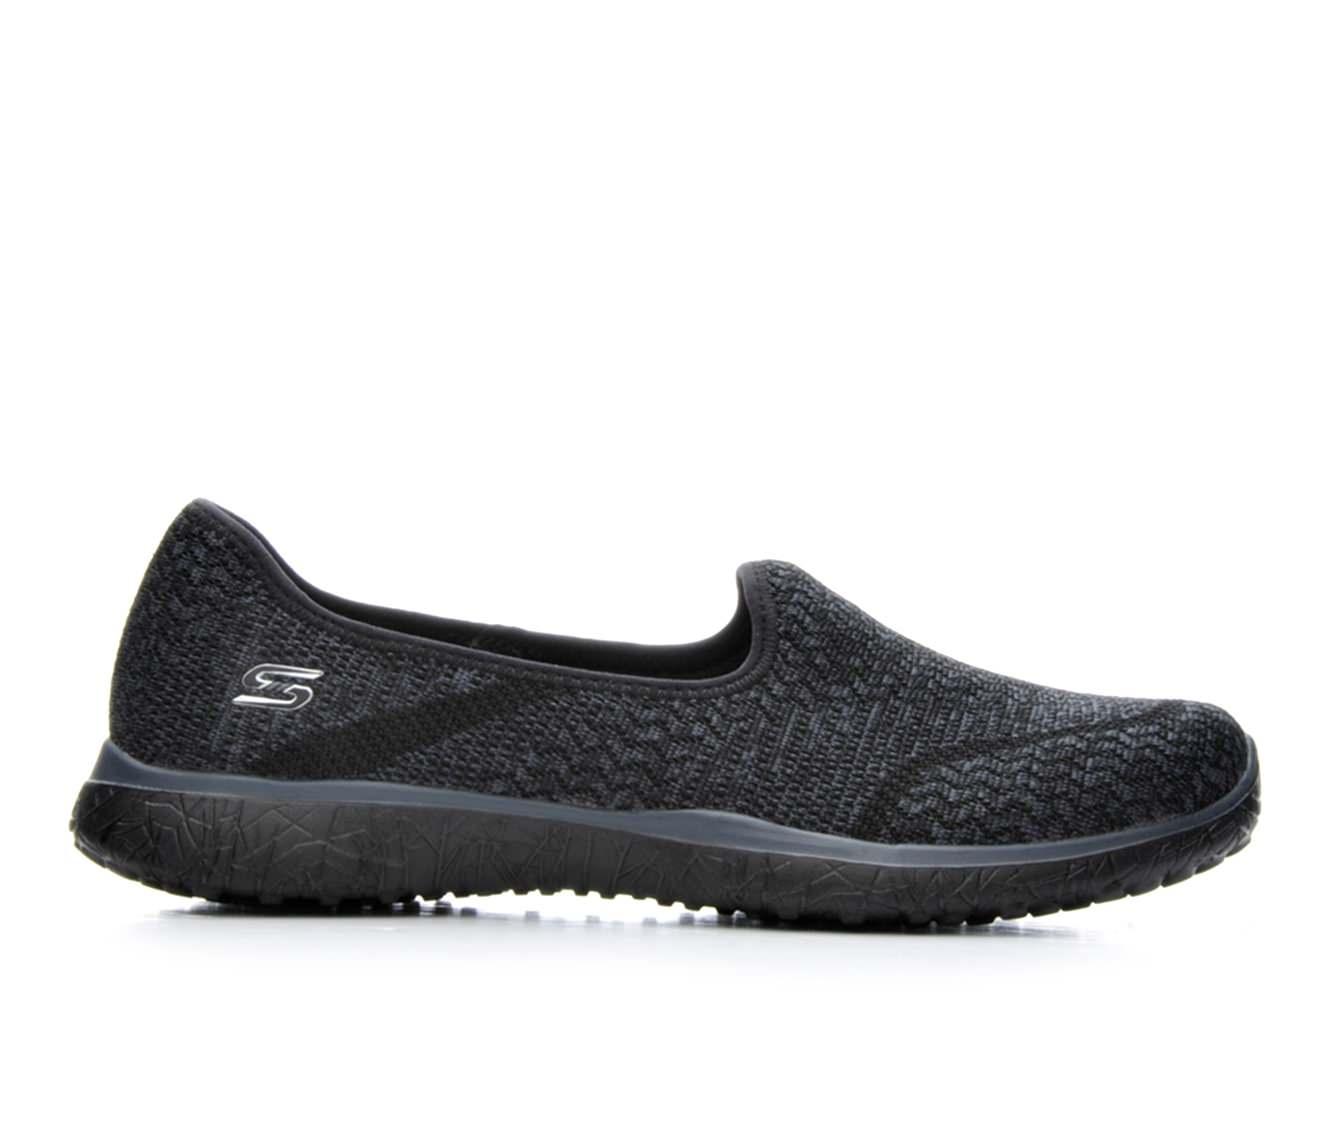 Women's Skechers All Mine 23308 Sport Shoes (Black - Size 7) 1668362